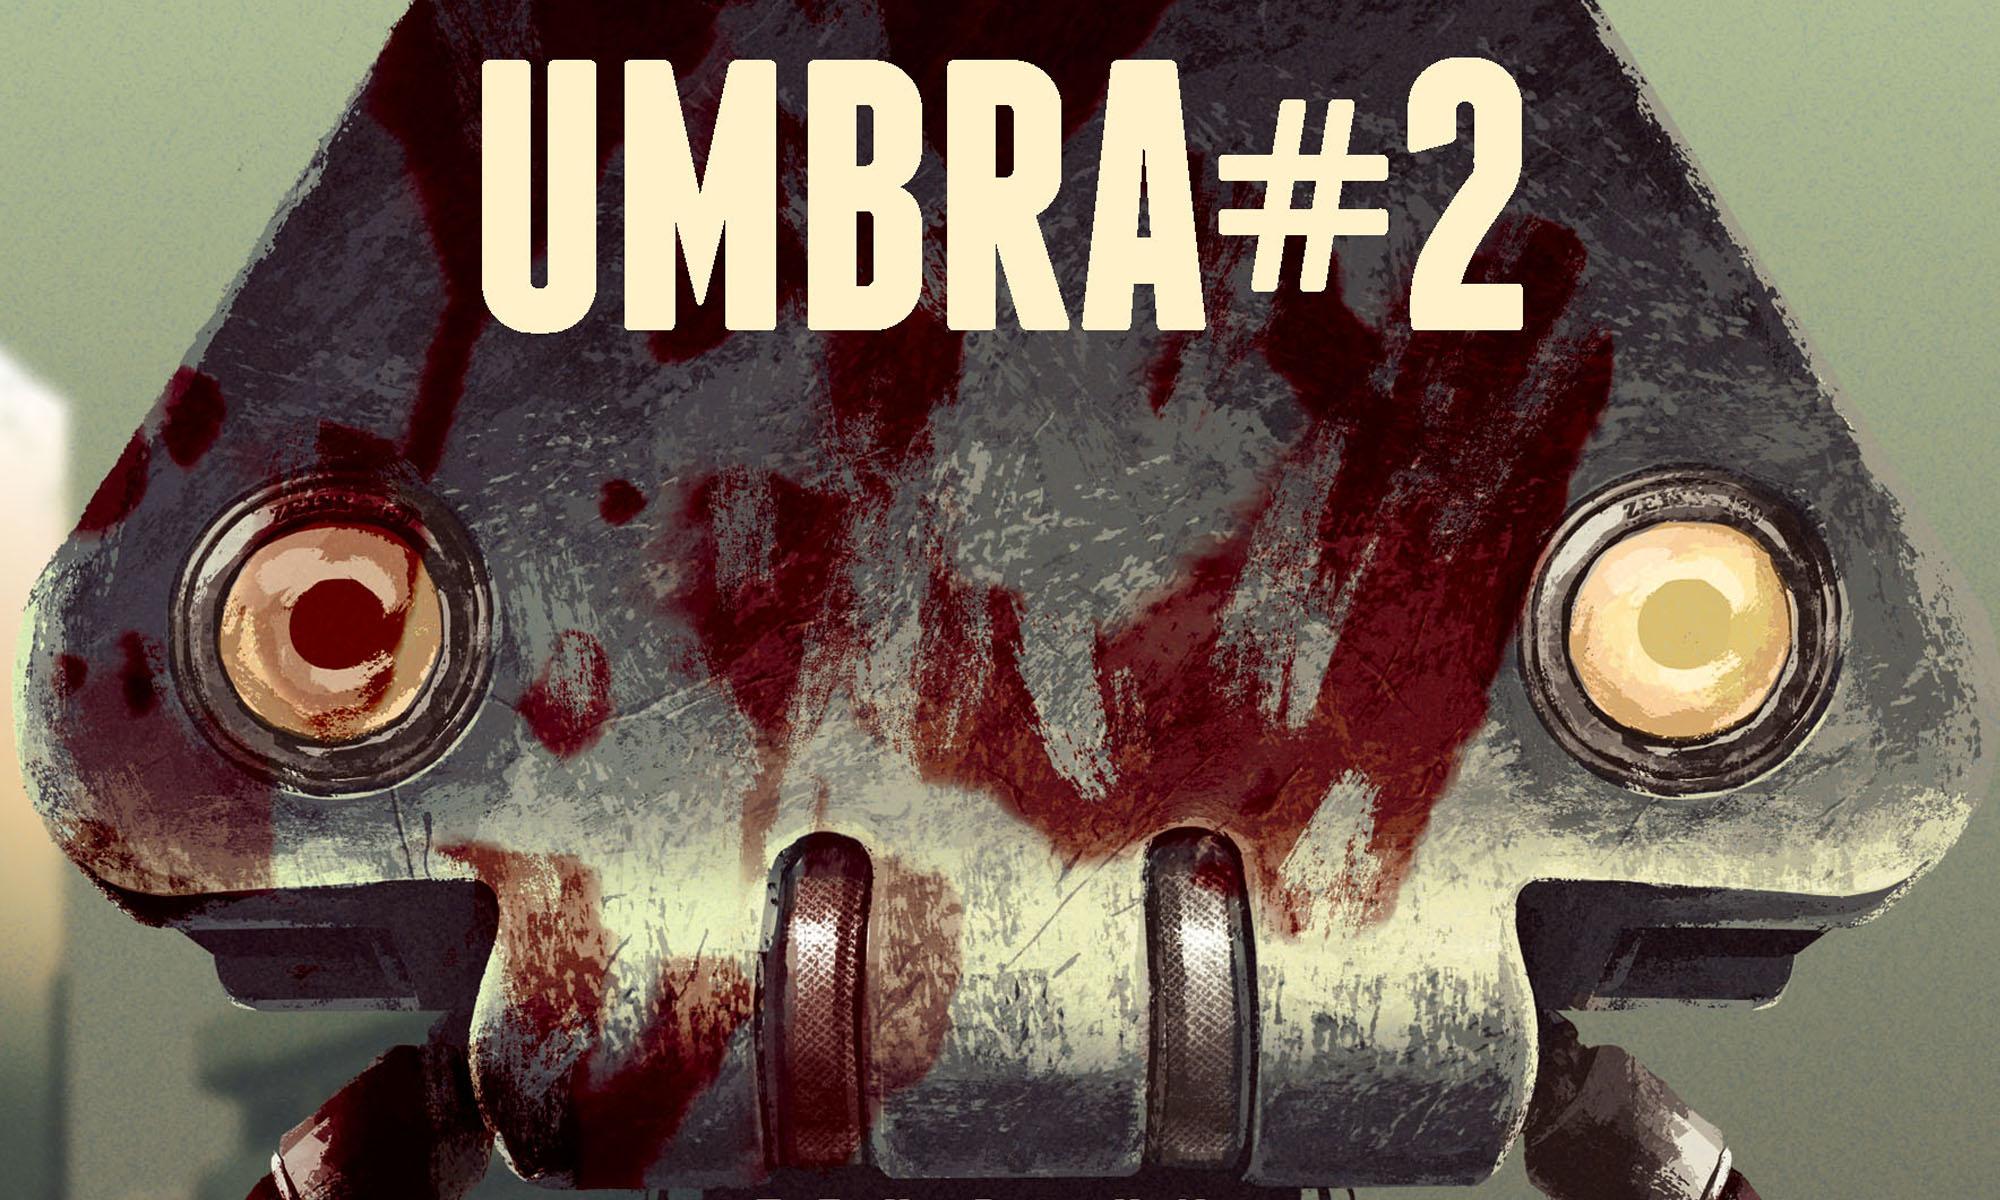 UMBRA Editora